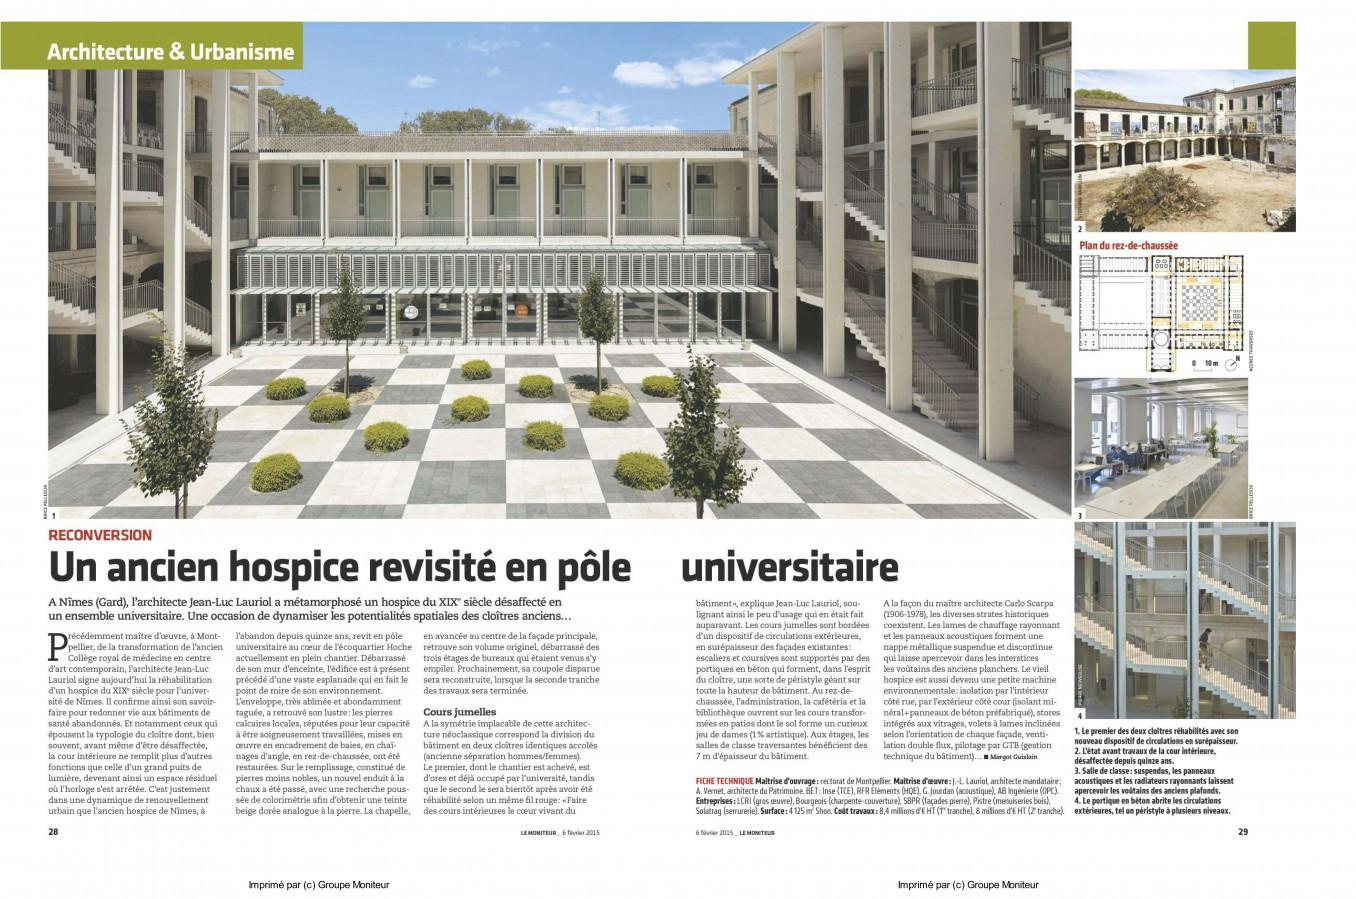 Traverses - Article paru dans Le Moniteur- février 2015-Hoche